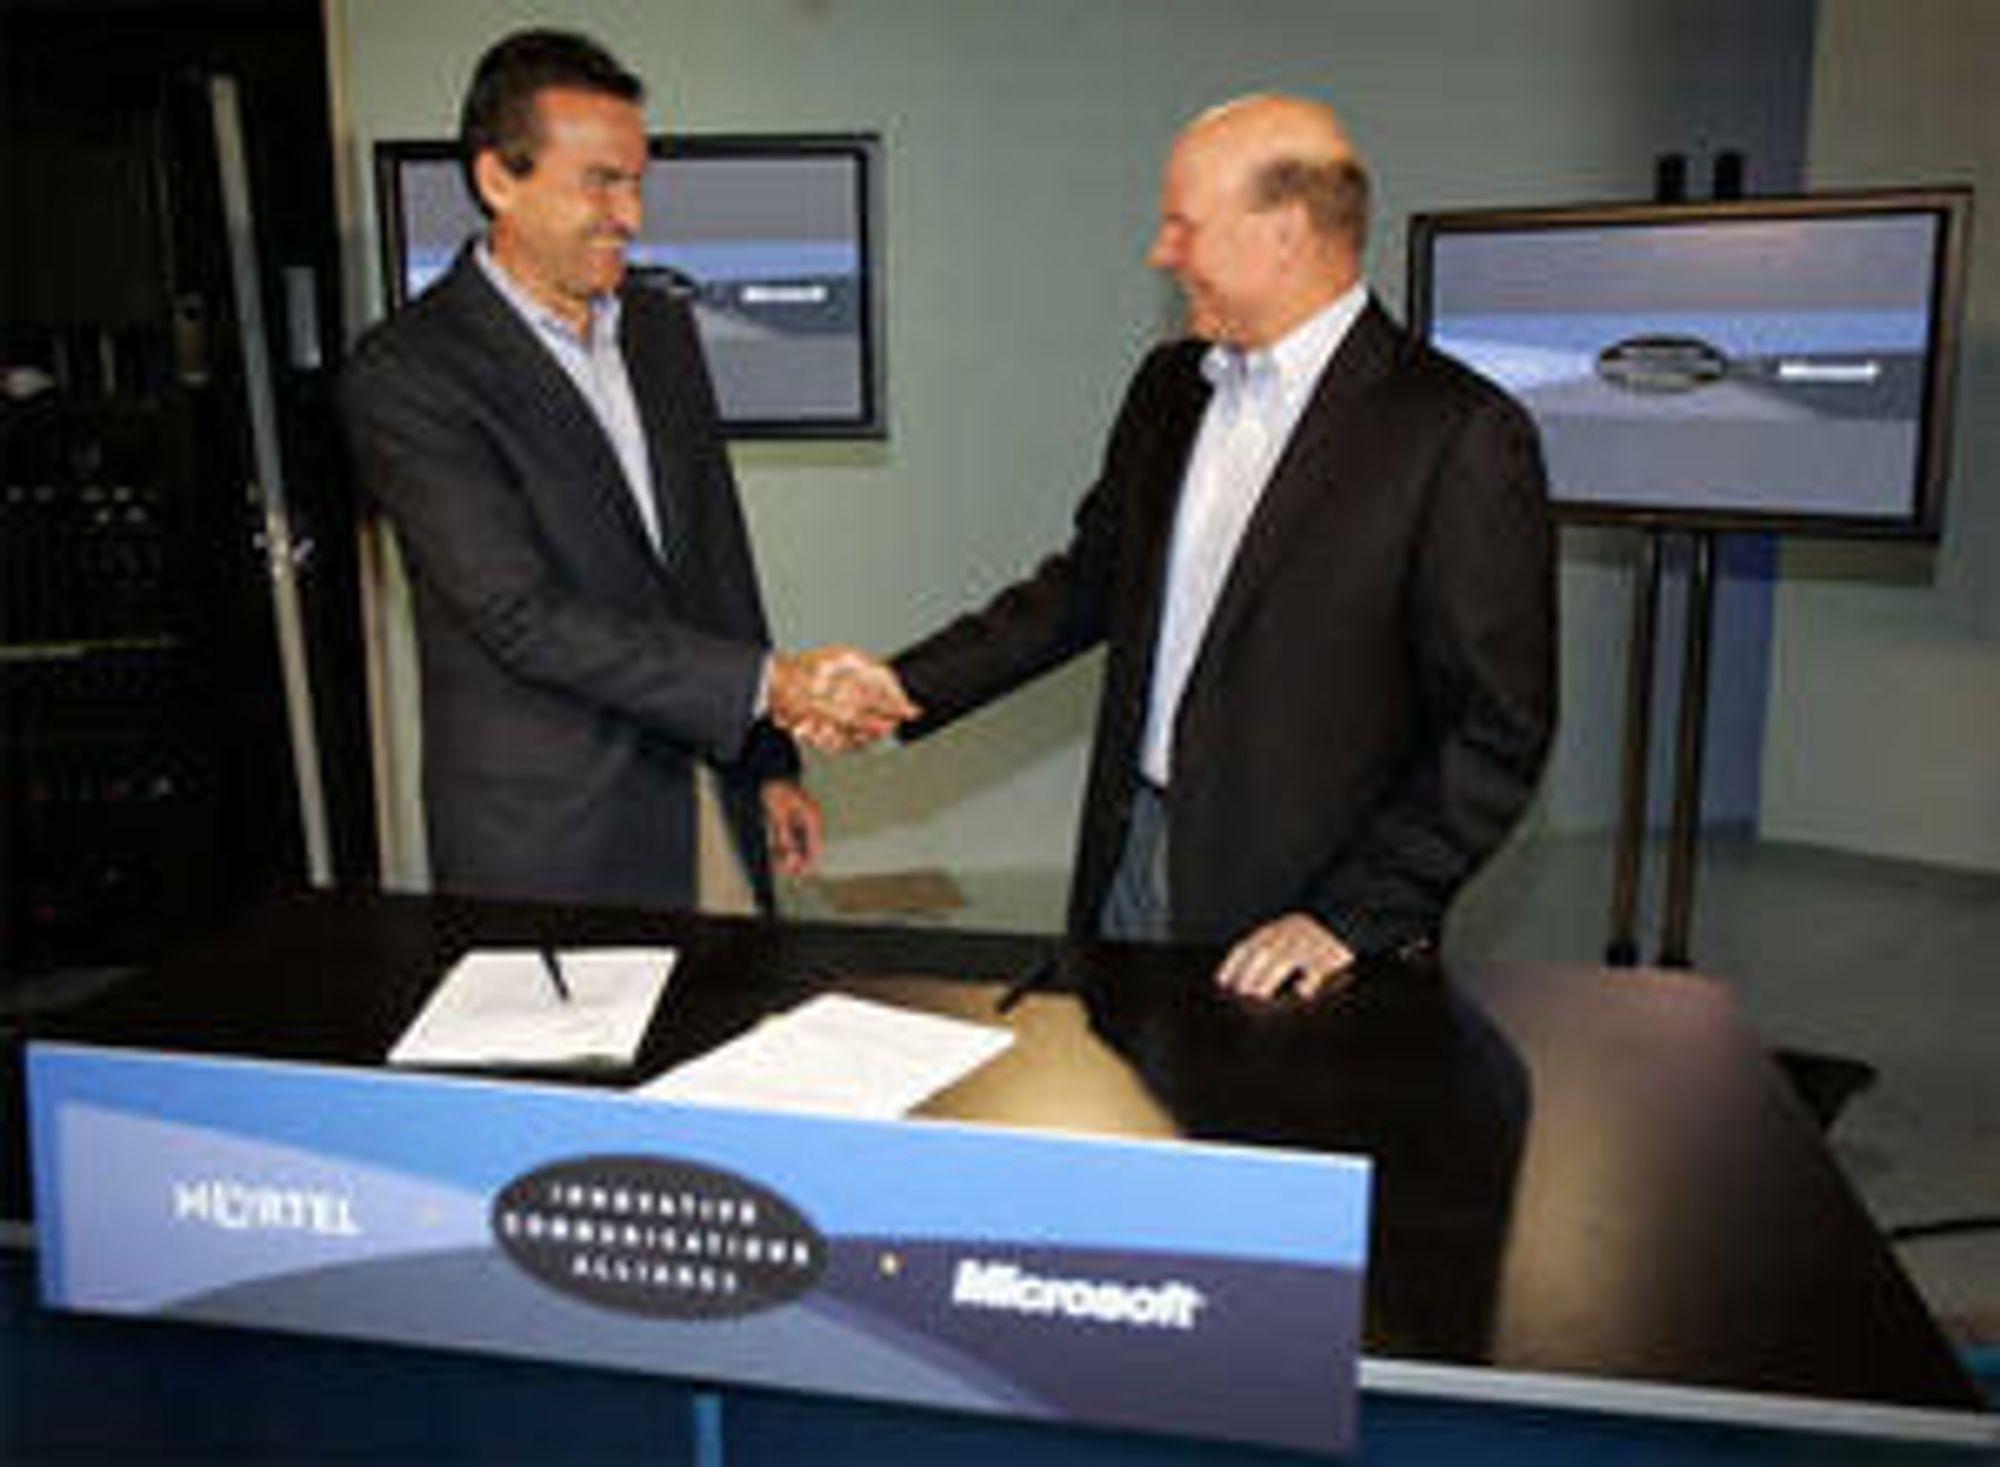 Daværende president i Nortel, Mike Zafirovski, og Microsoft-sjef Steve Ballmer kunngjorde et strategisk samarbeid i 2006.